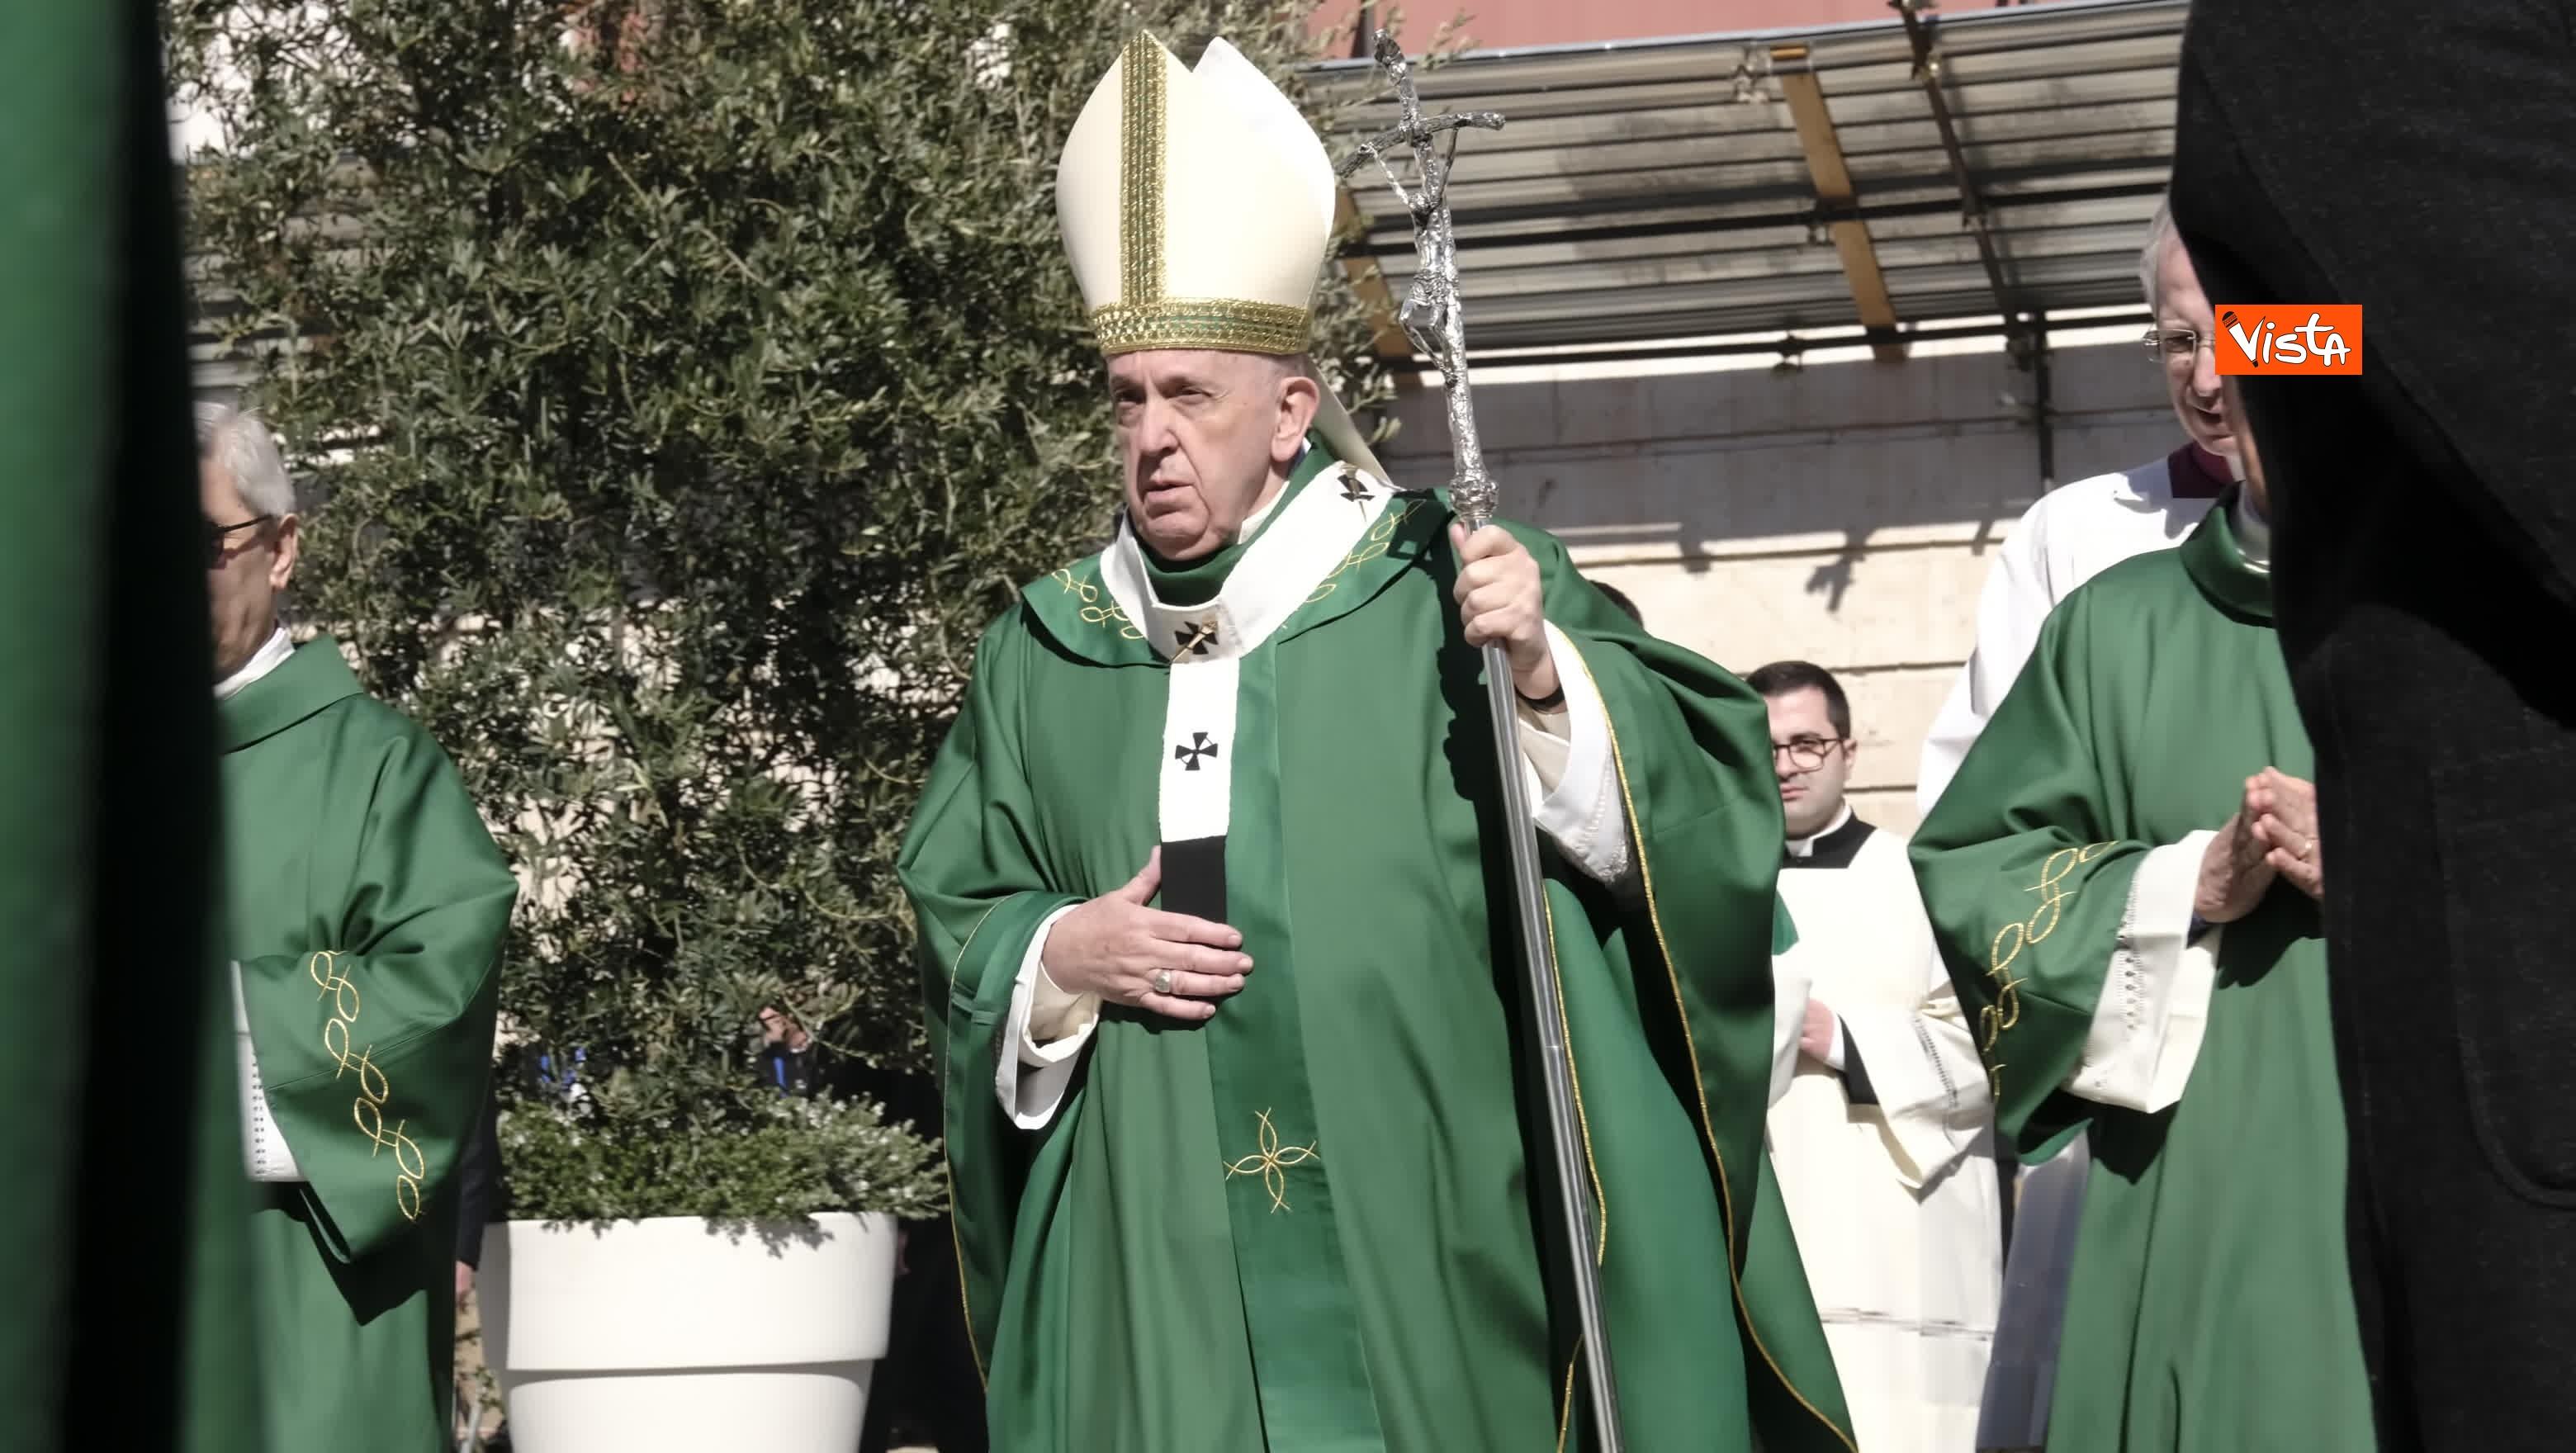 23-02-20 Il Papa a Bari incontra il presidente della Regione Puglia Michele Emiliano_06